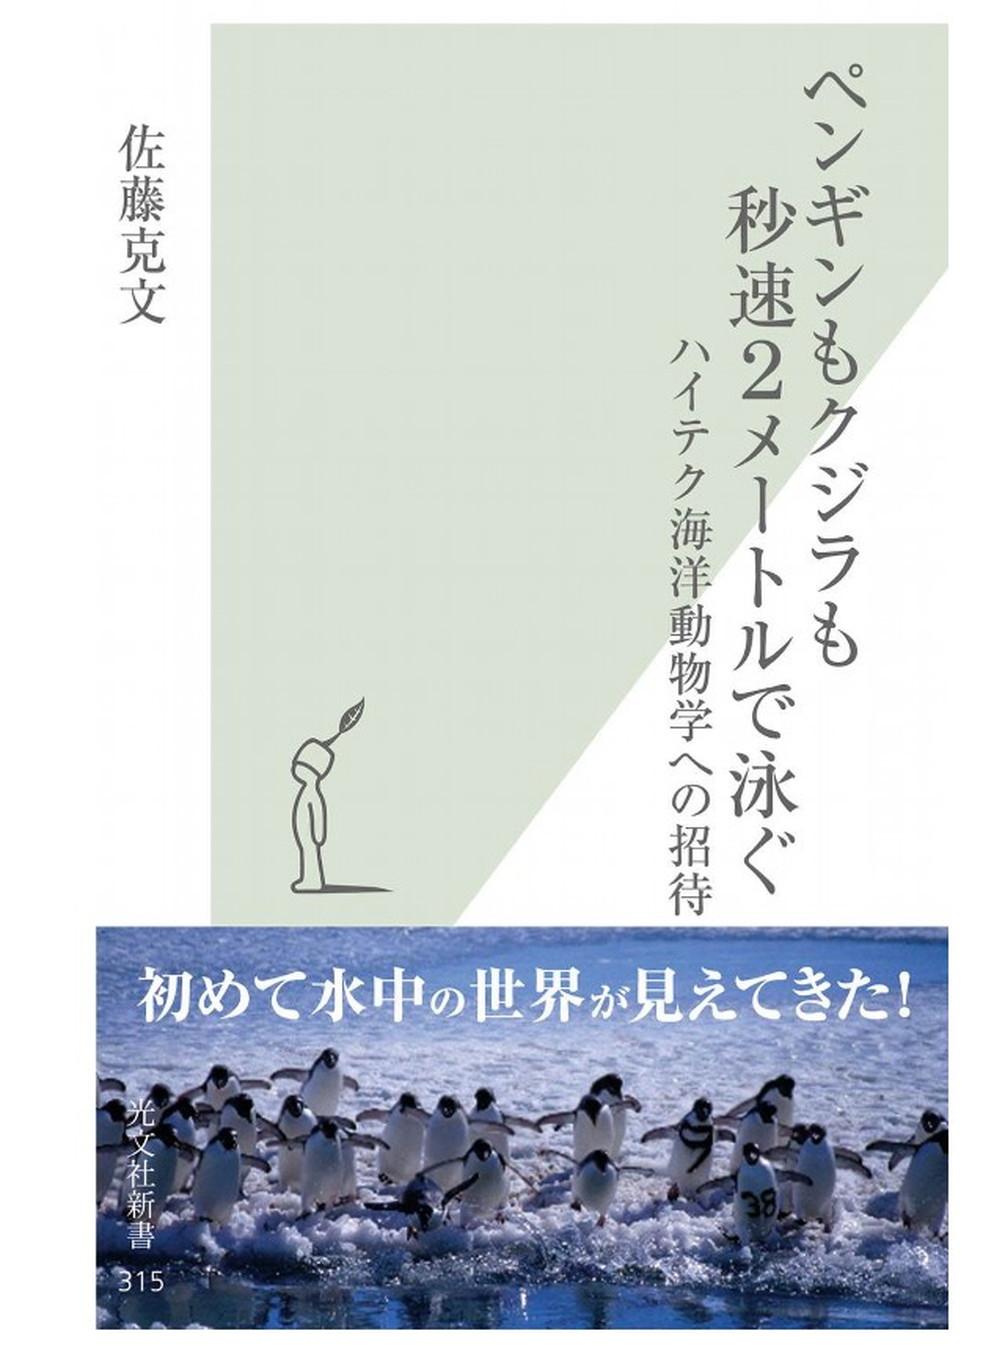 ペンギンもクジラも秒速2メートルで泳ぐ―ハイテク海洋動物学への招待